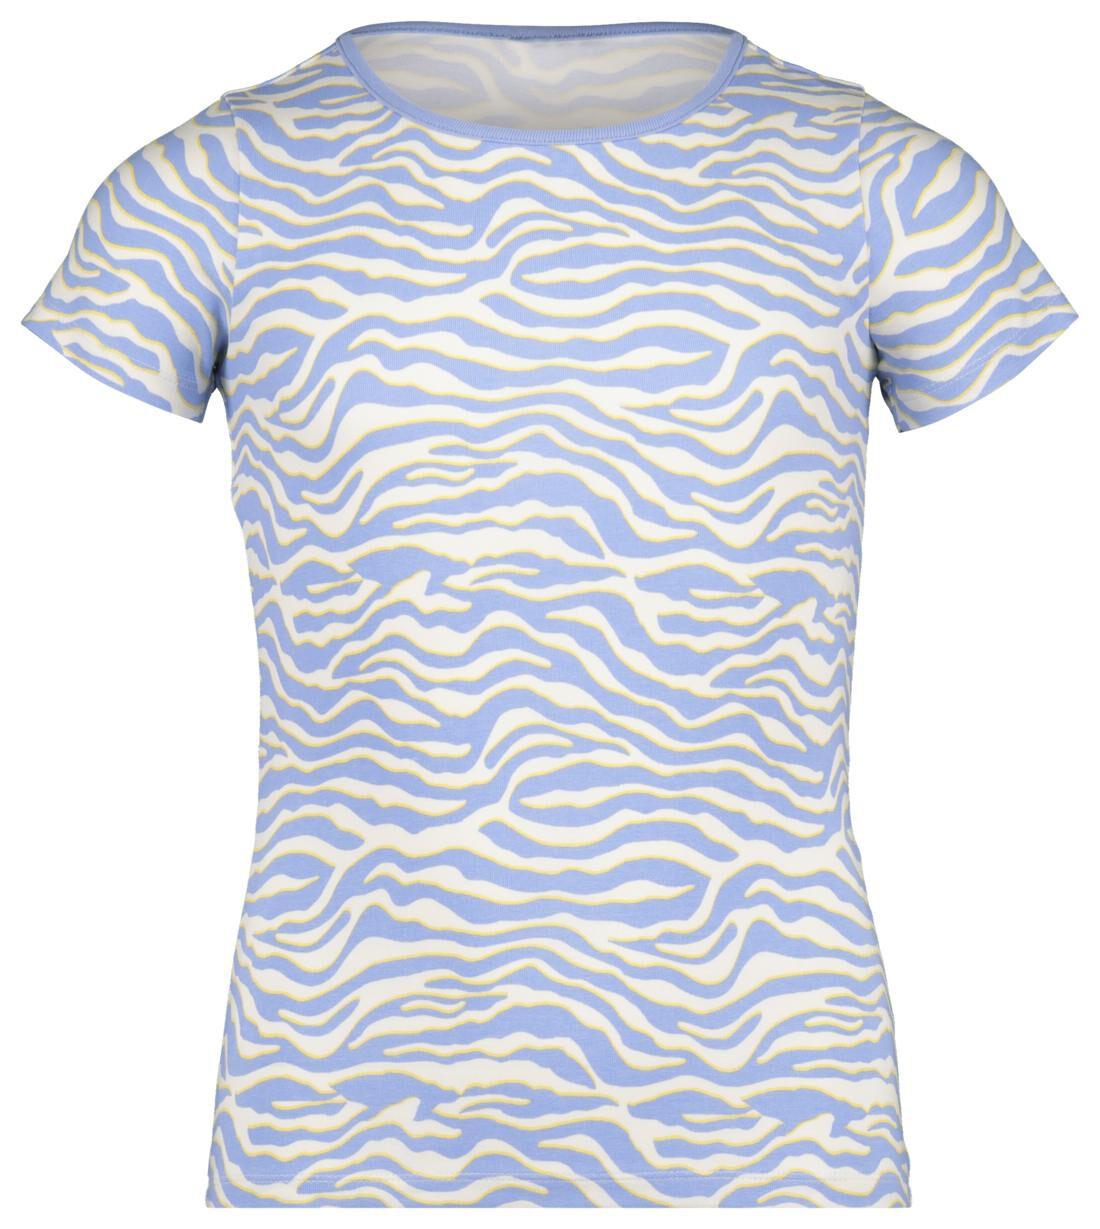 HEMA Kinder T-shirt Blauw (blauw)